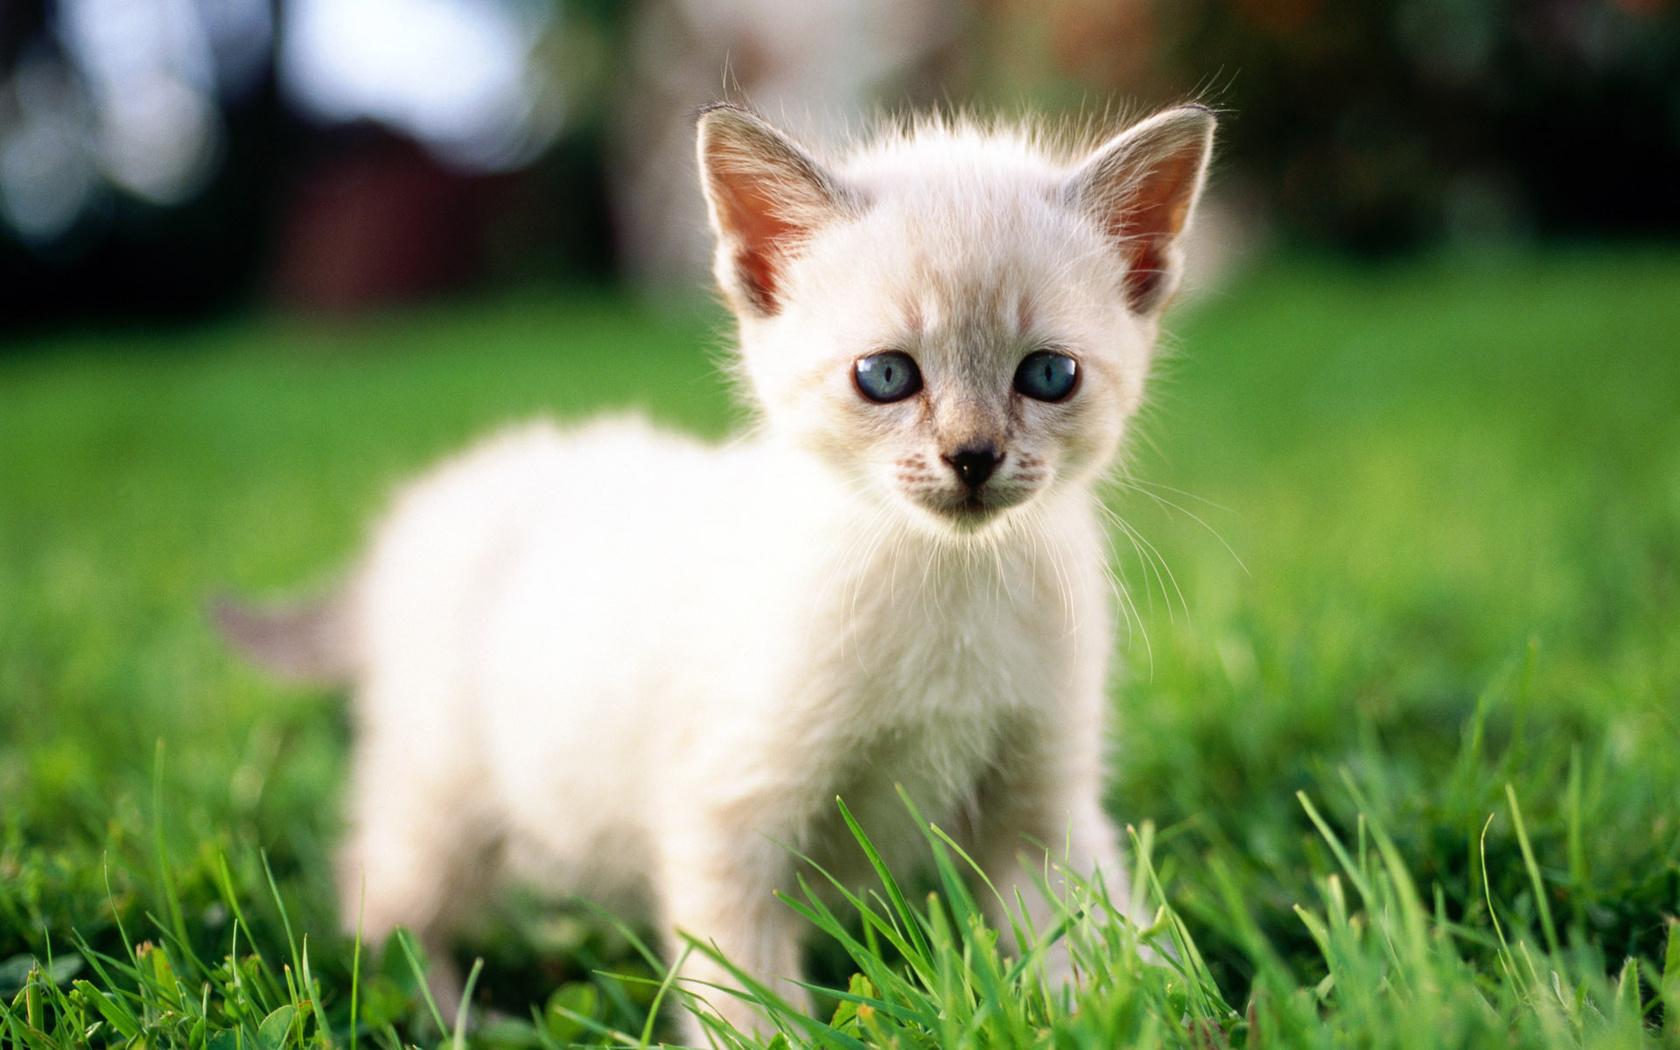 котенок, макро, Cat, трава, кошка, кот, белый